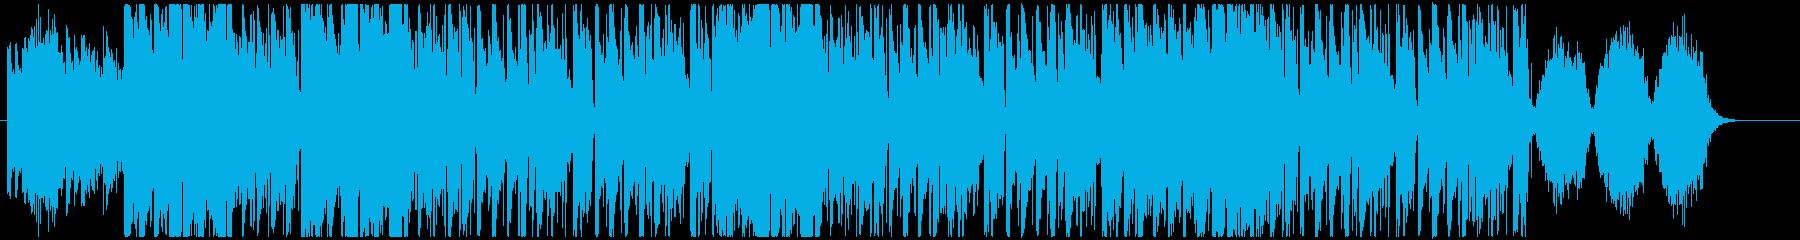 ハロウィンっぽゴシックトリップホップの再生済みの波形